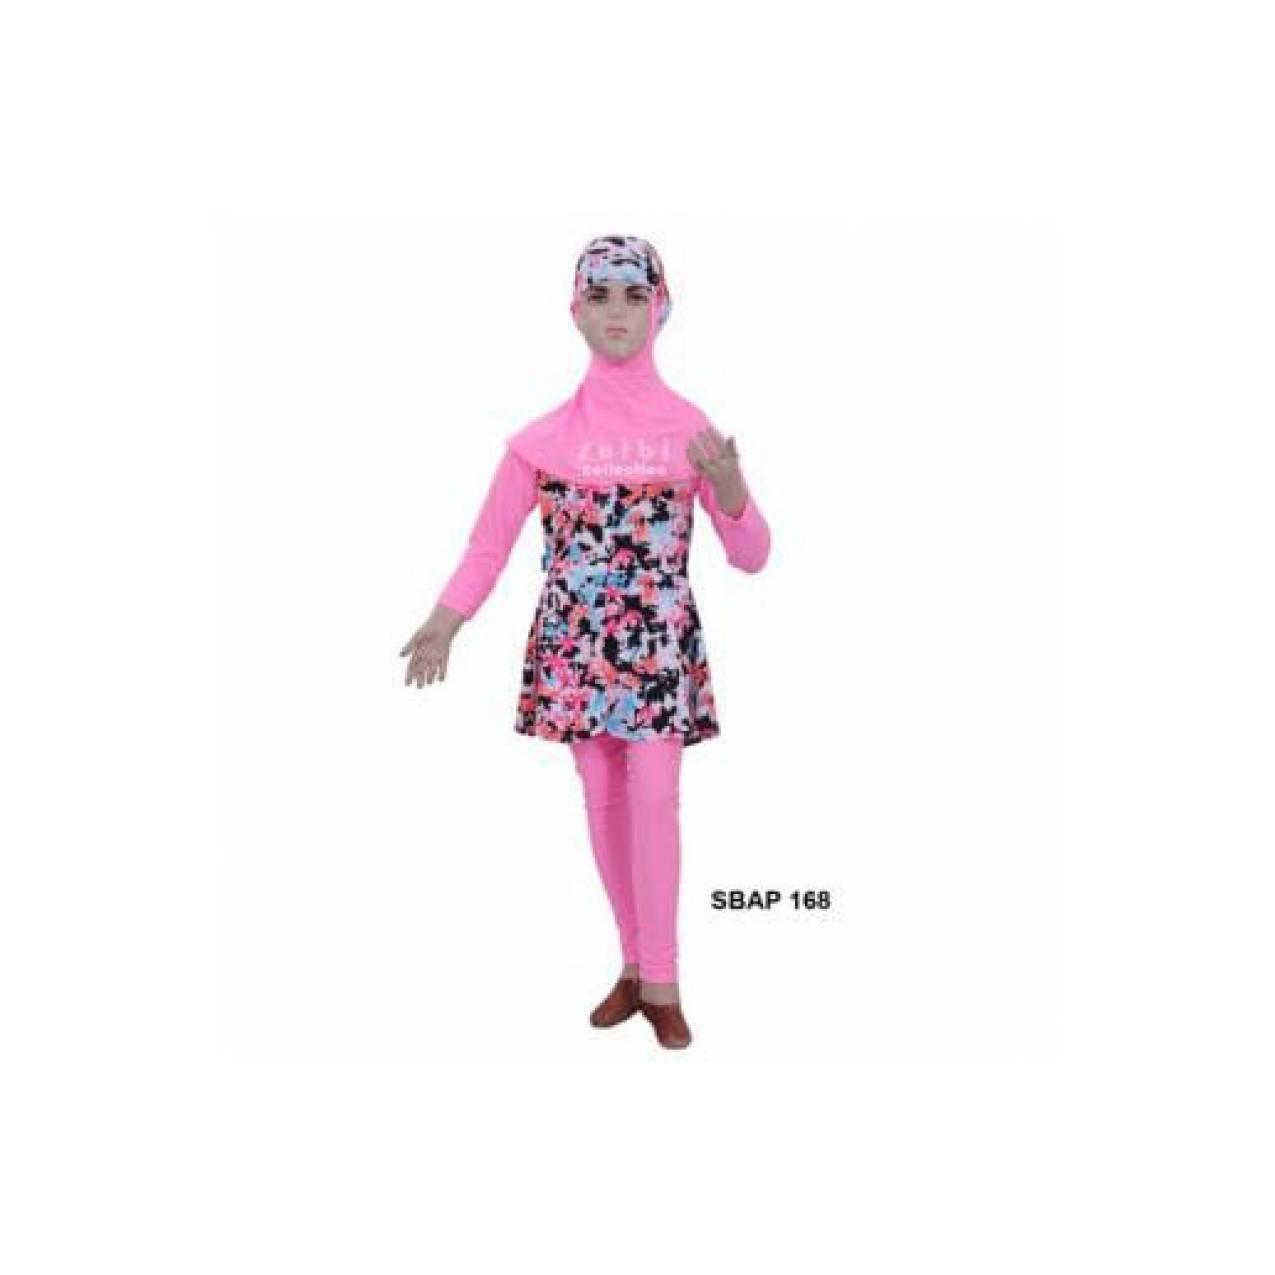 Jual Baju Renang Anak/ Bayi/ Batita 0-3th Perempuan Sulbi Size 1/2/3